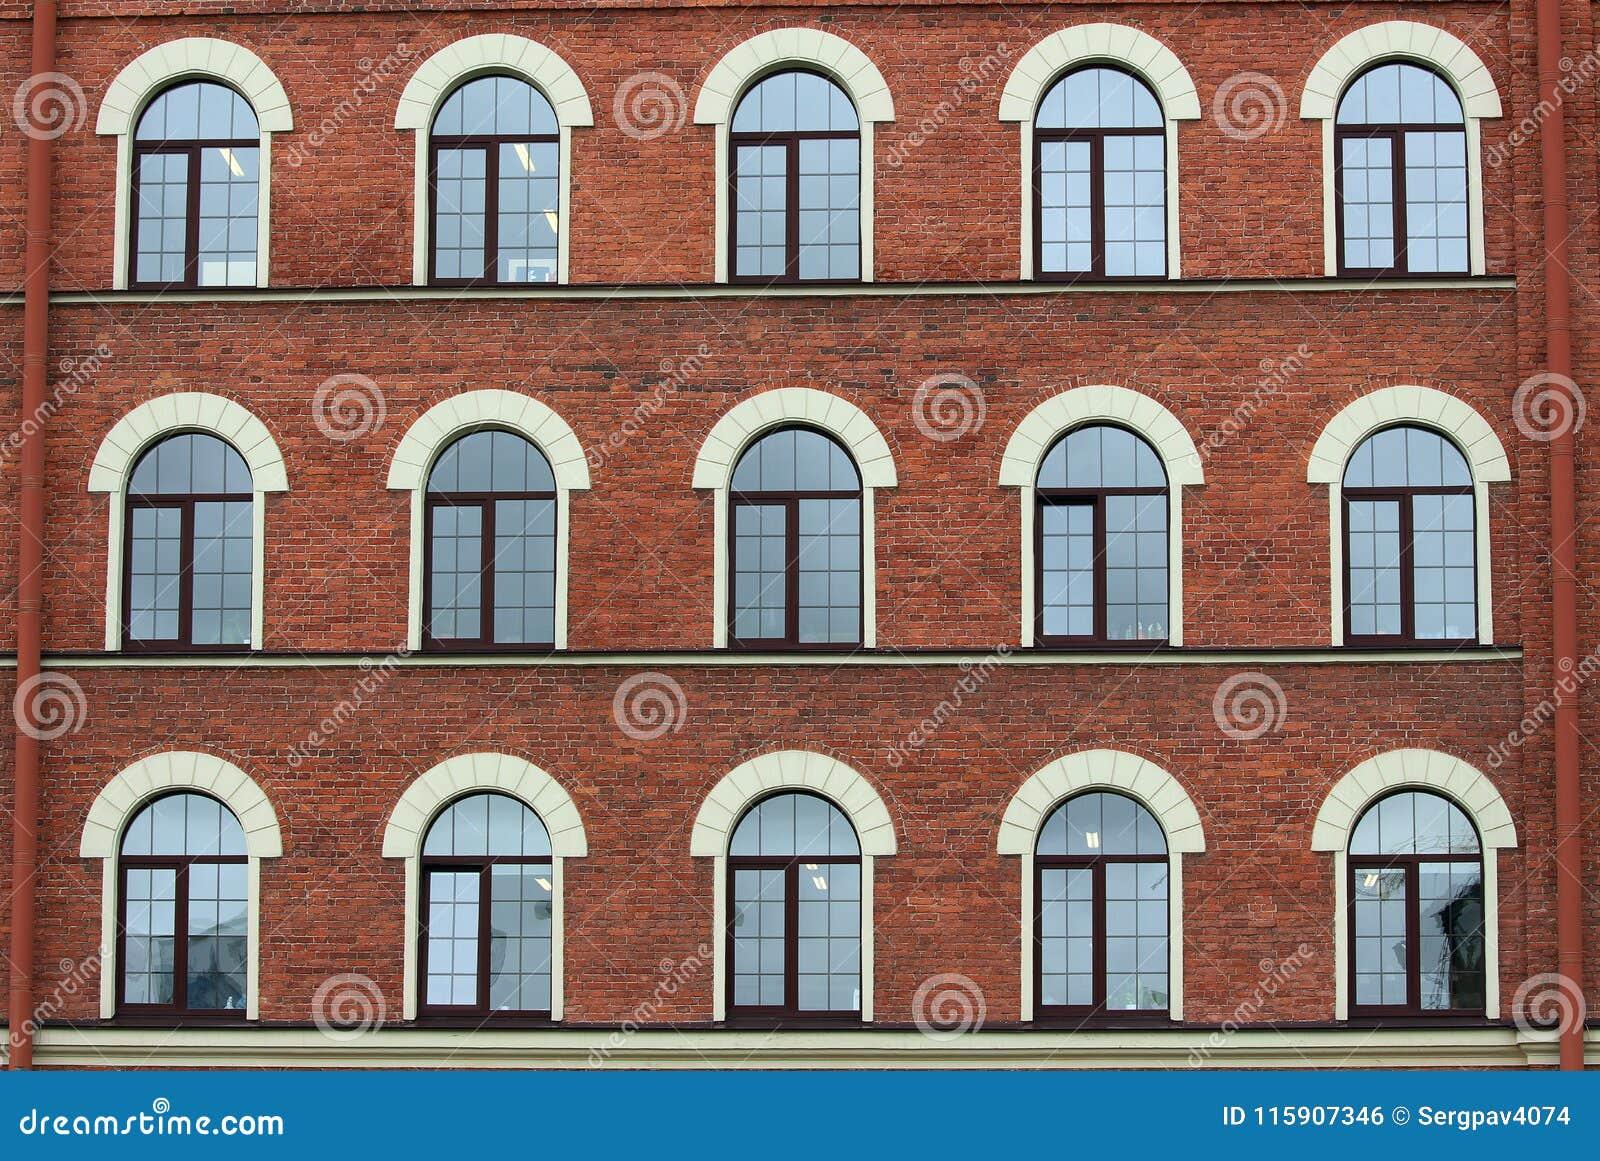 Fenêtres arquées de maison de brique